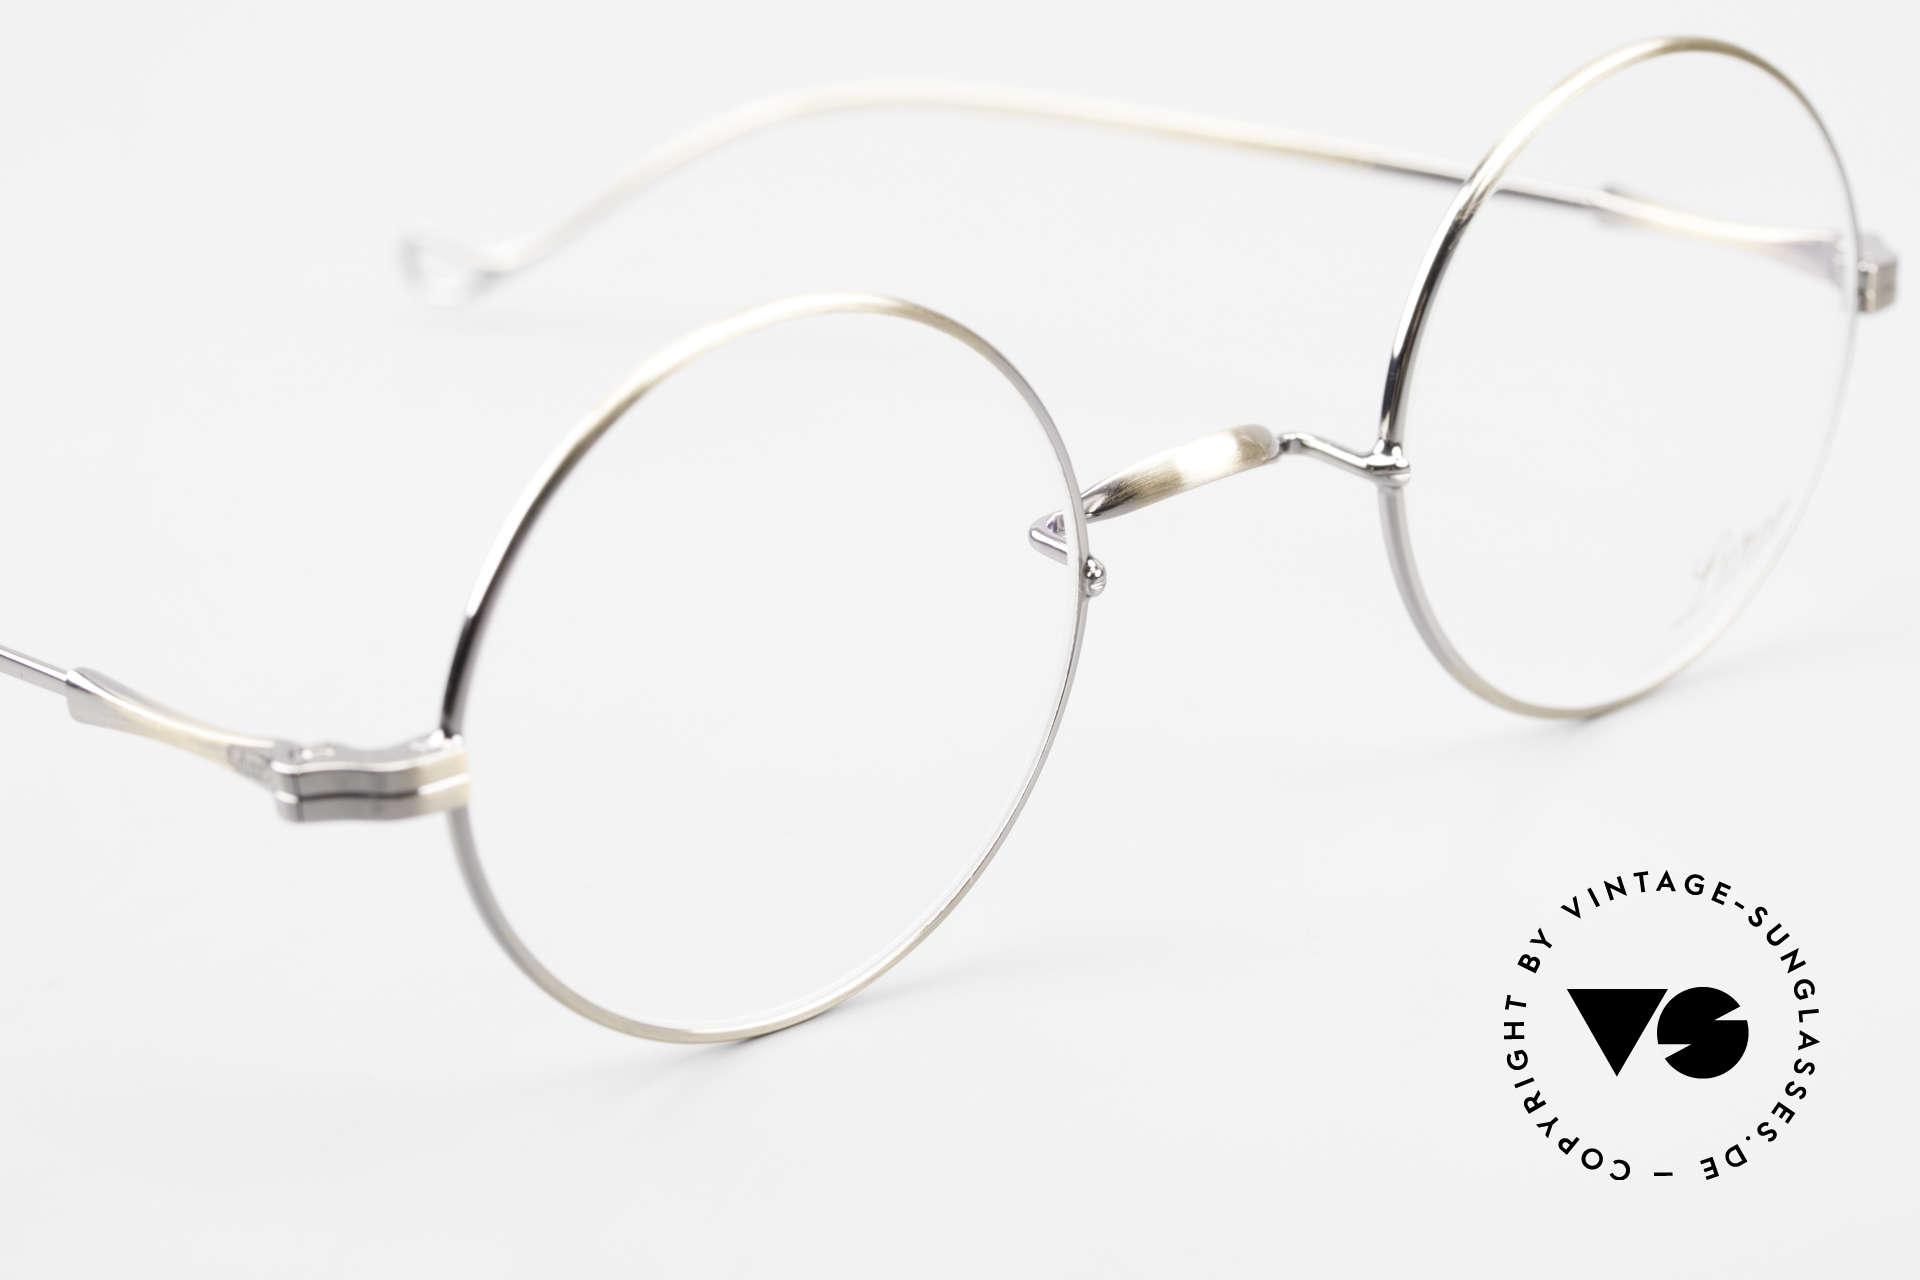 Lunor II 23 Runde Lunor Brille Antik Gold, altes, ungetragenes LUNOR Einzelstück, RARITÄT!, Passend für Herren und Damen